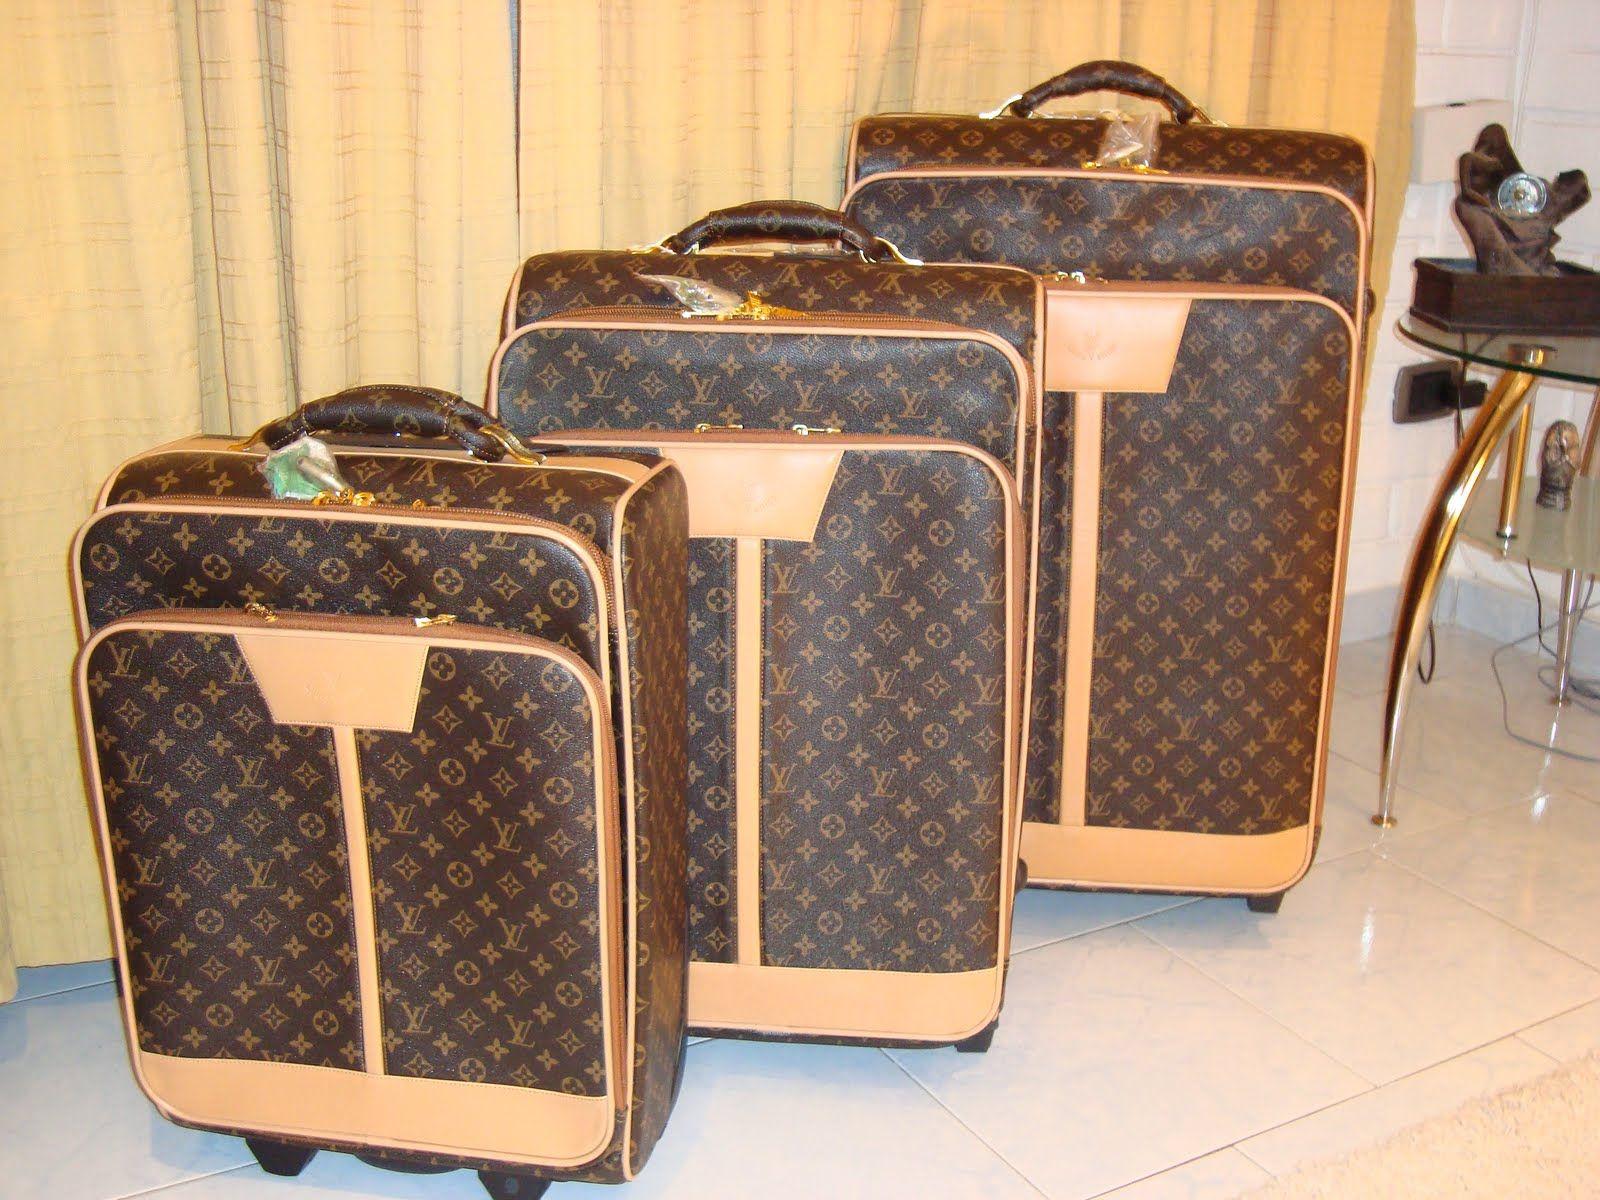 212f31d45 Maletas Louis Vuitton | Suite case en 2019 | Louis vuitton, Suitcase ...